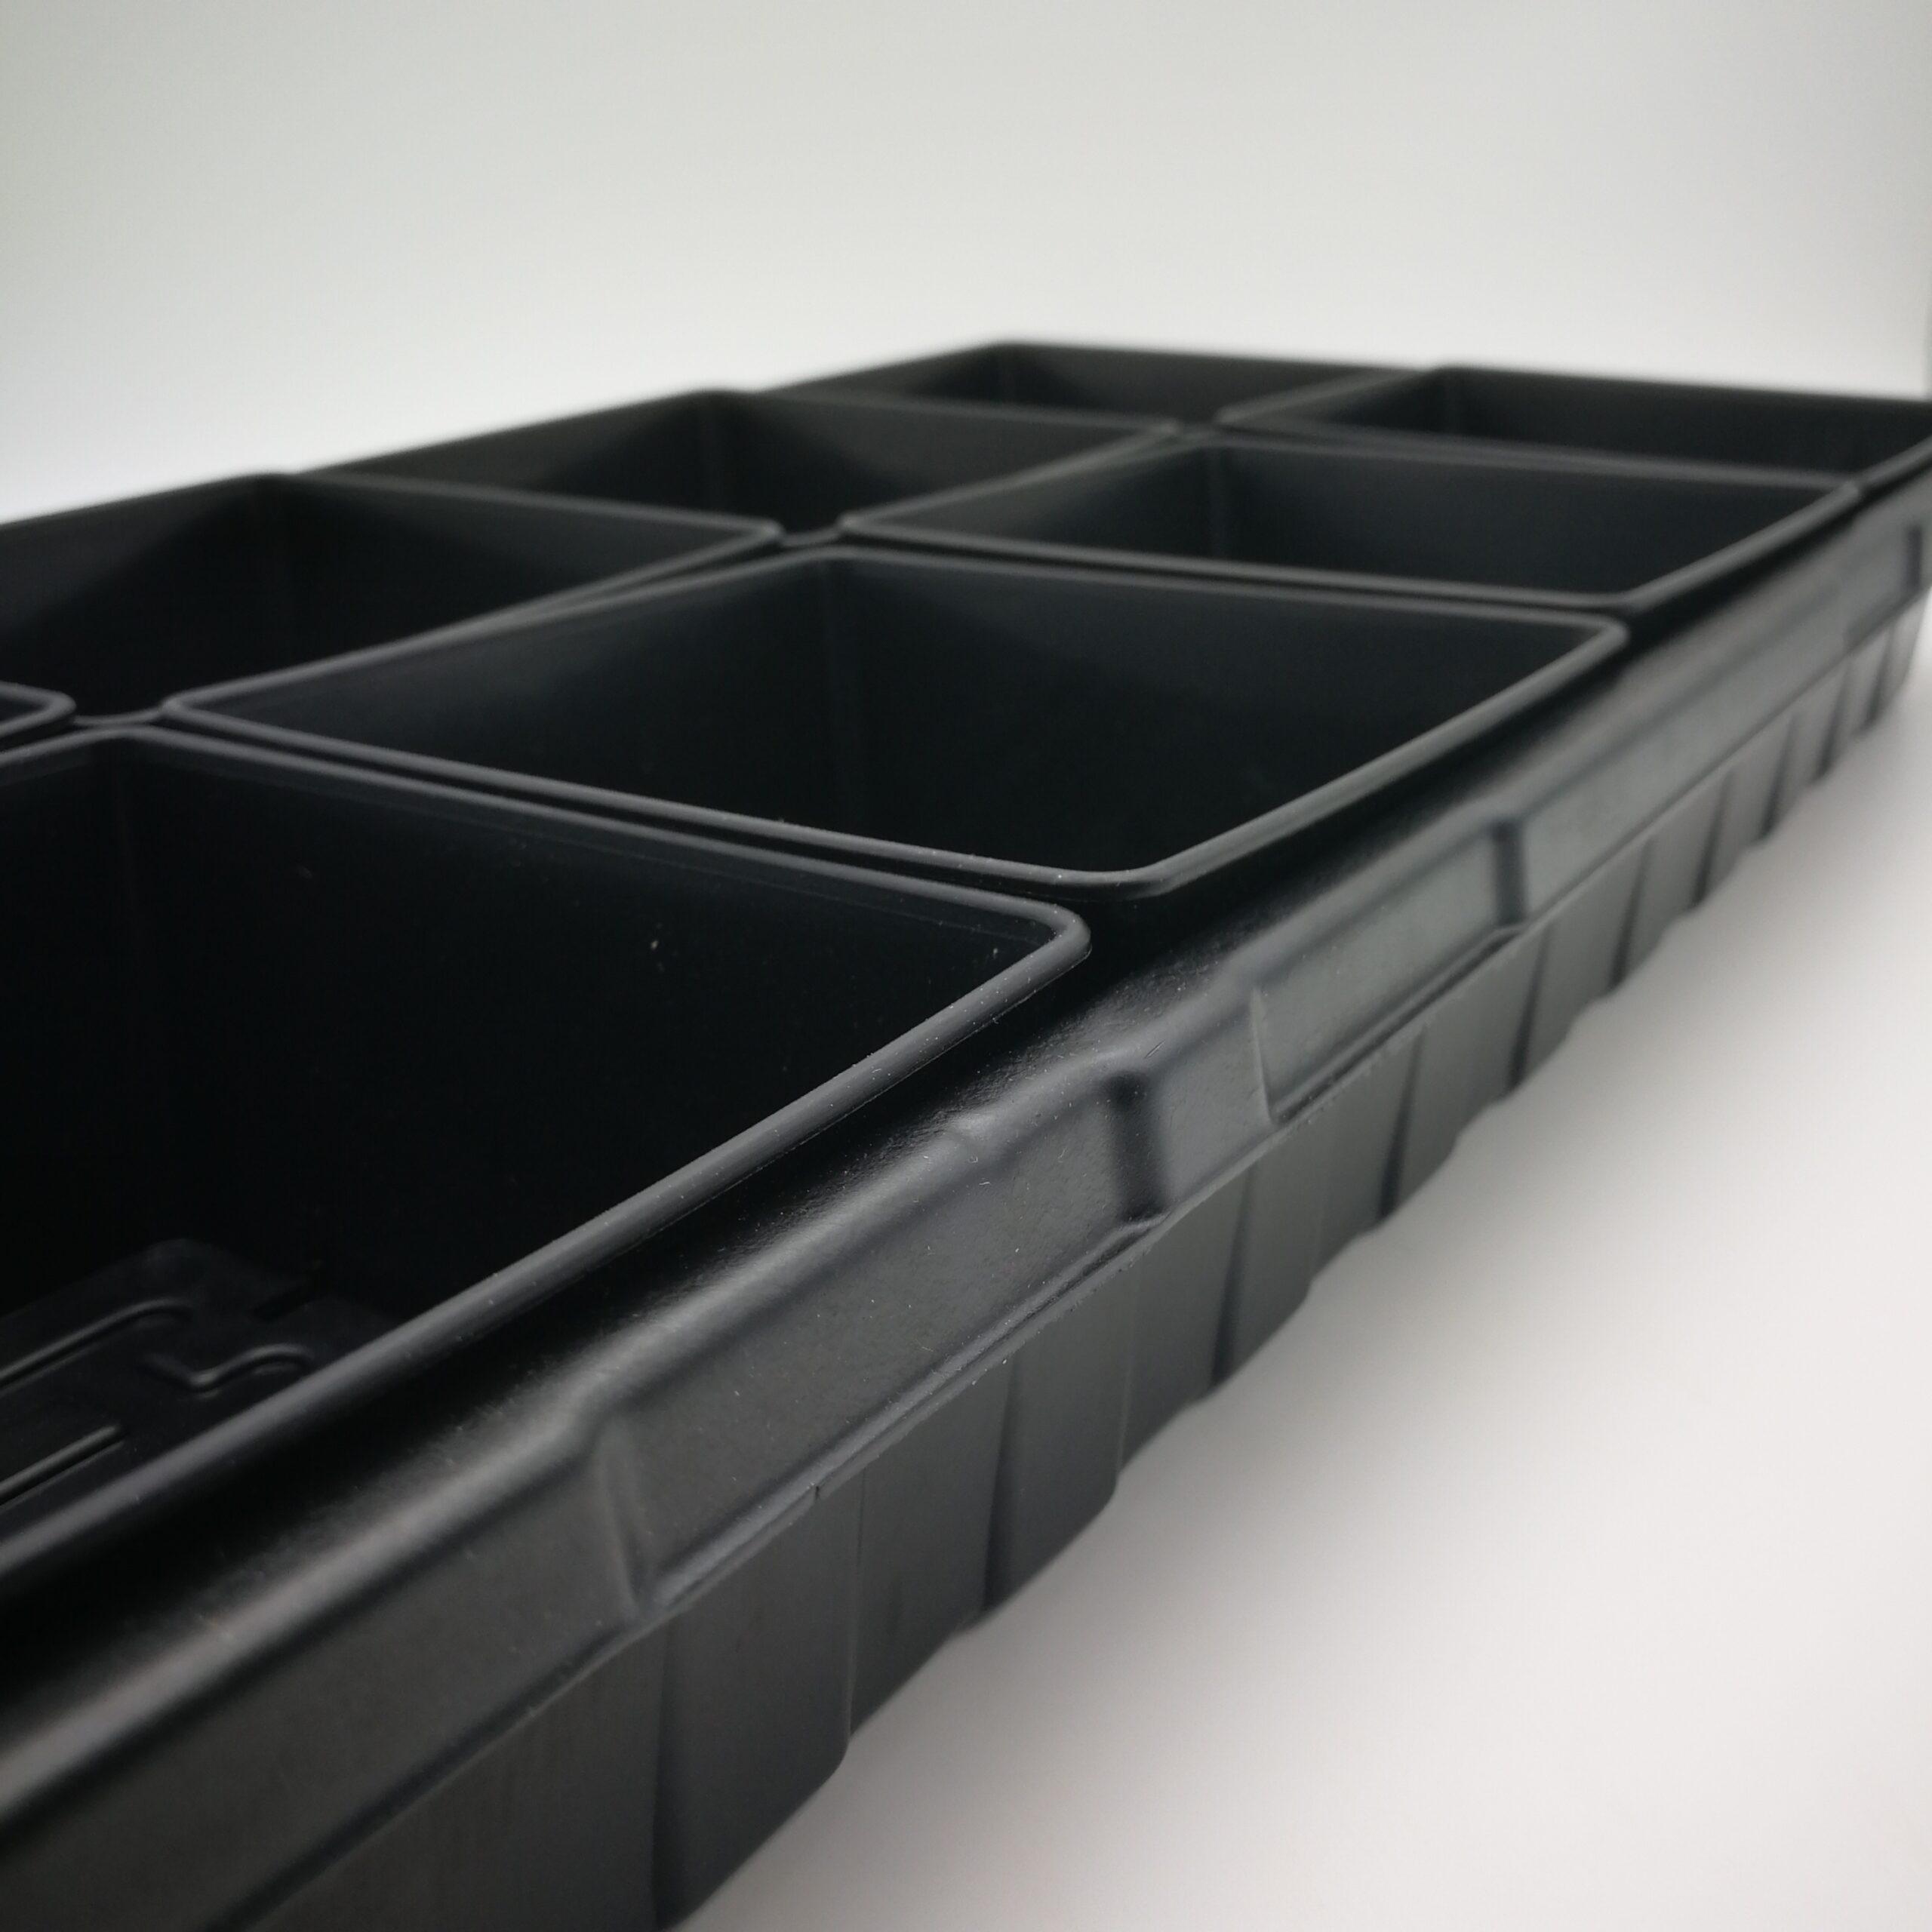 Microgreen Tray 5x5 in Microgreen Tray 1012 (normal)